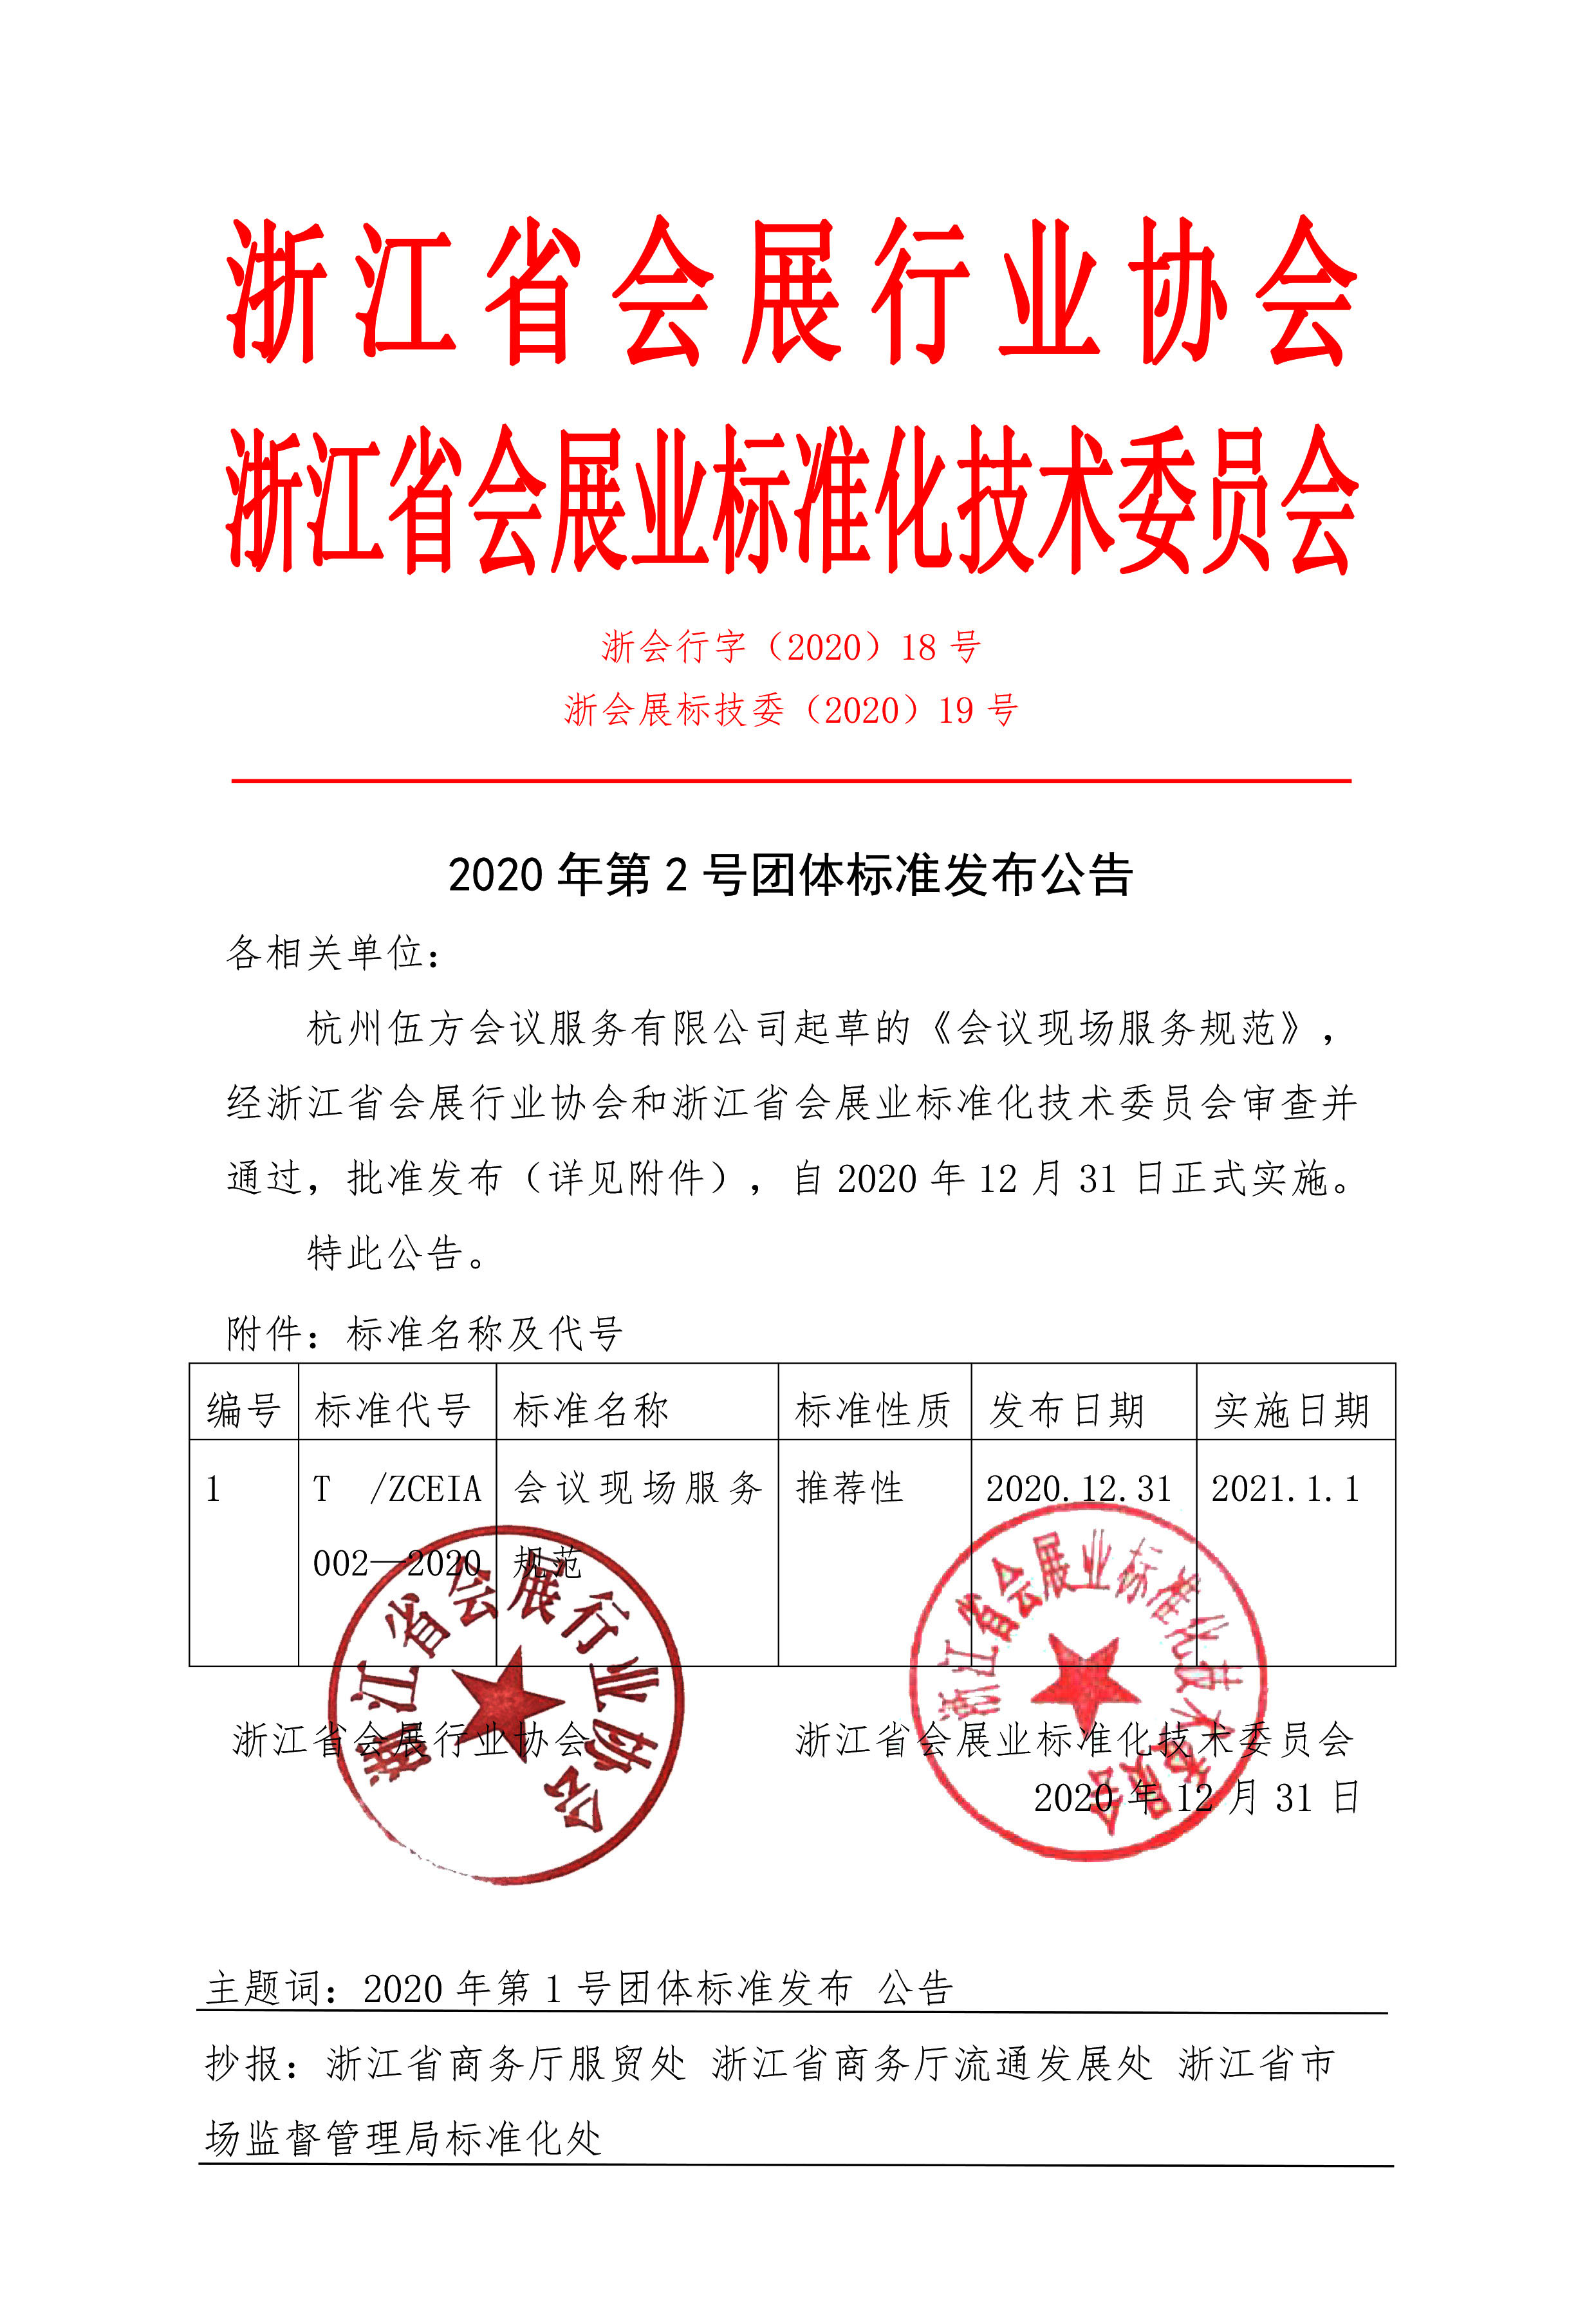 会展团体标准《会议现场服务规范》发布公告